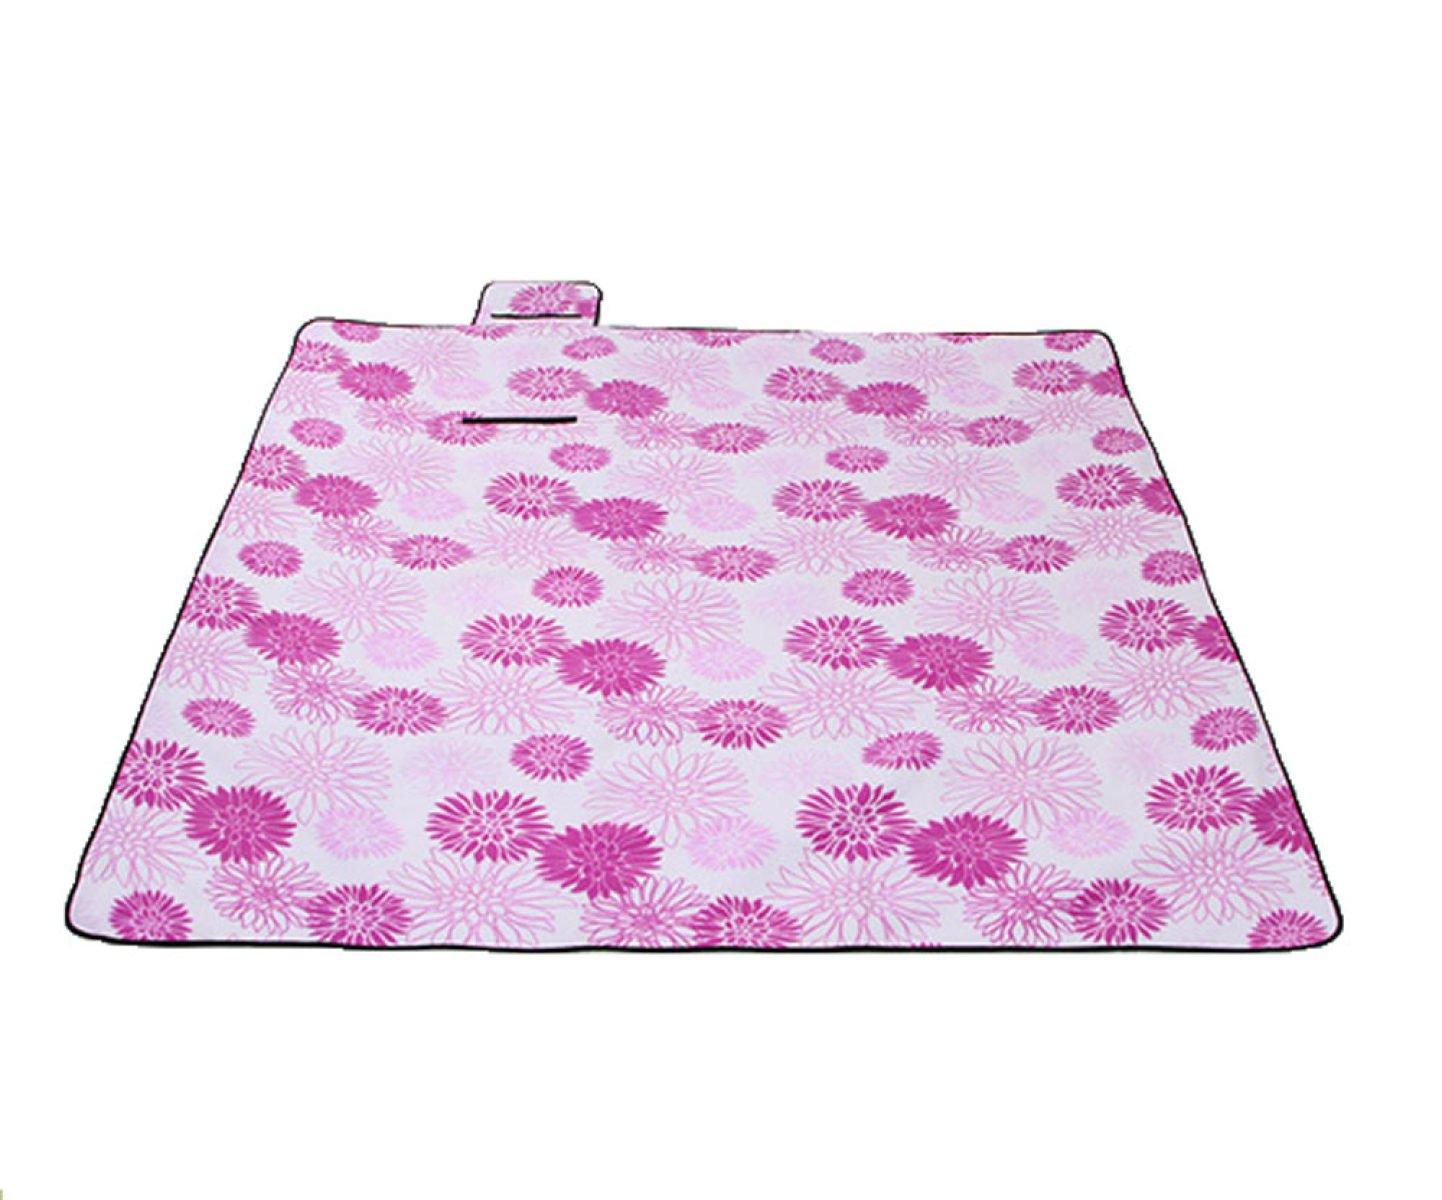 Suede Aluminium Im Freien Feuchtigkeit Picknickmatte 200 * 200,Purple